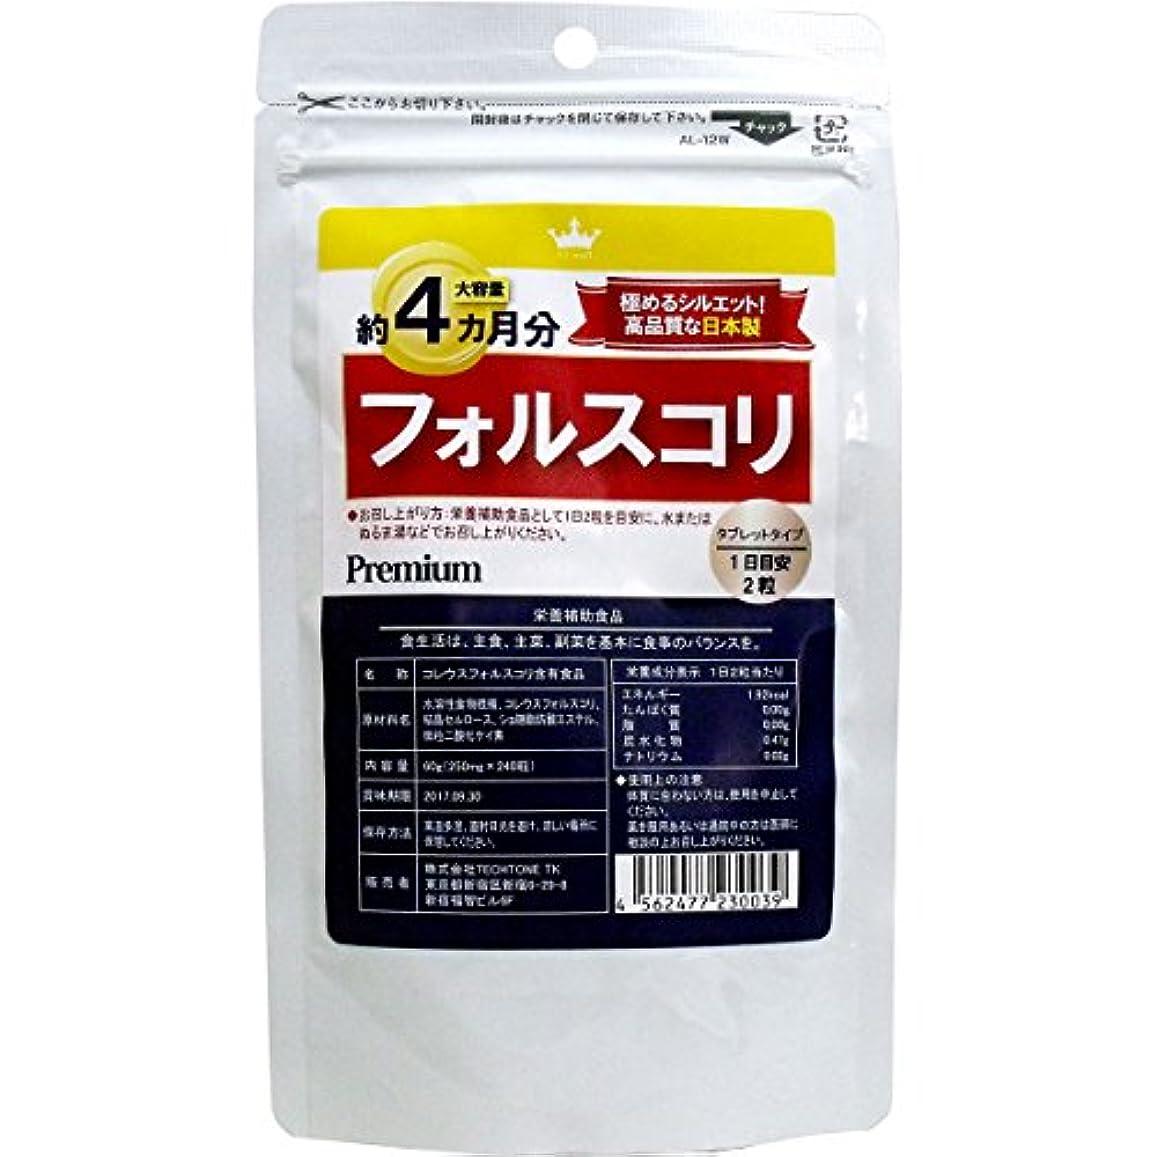 会う夢中食べるサプリ 高品質な日本製 話題の フォルスコリ 約4カ月分 240粒入【5個セット】